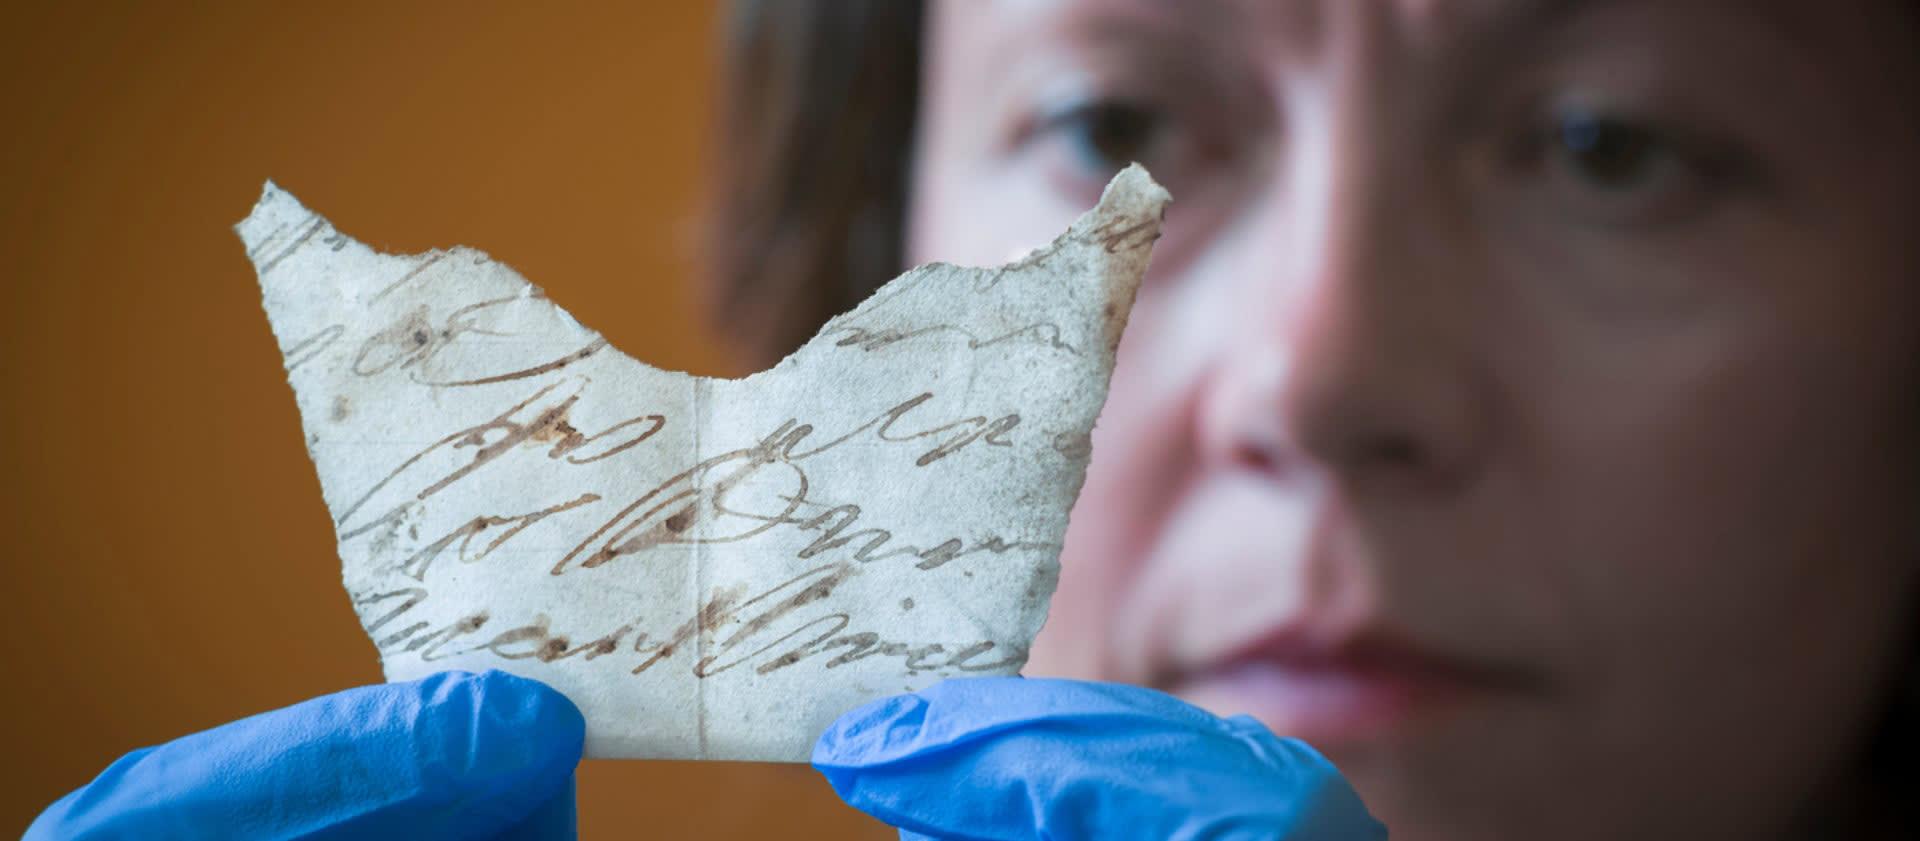 اكتشاف قطع أثرية نادرة تعود للعصور الوسطى في إنجلترا